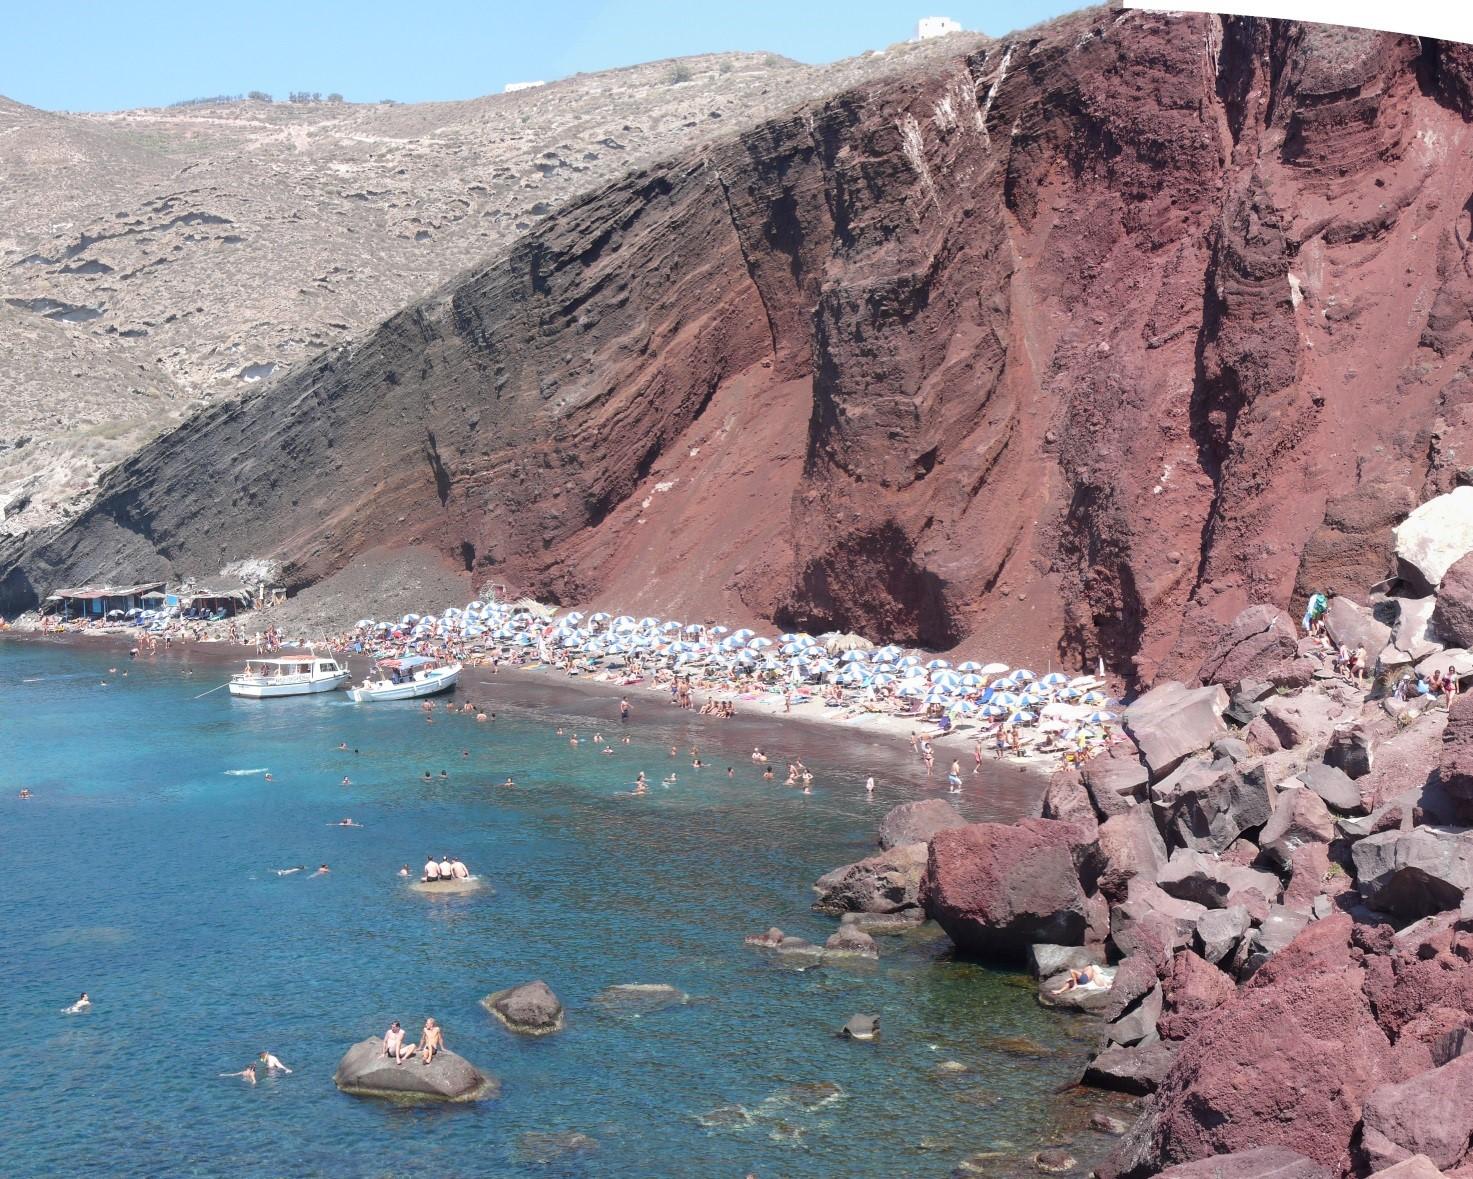 Fig.5 L'ignaro utente estivo della Red Beach di Santorini, Grecia, non è consapevole della partecipazione ad una lotteria, nella quale sarebbe meglio non essere estratti.